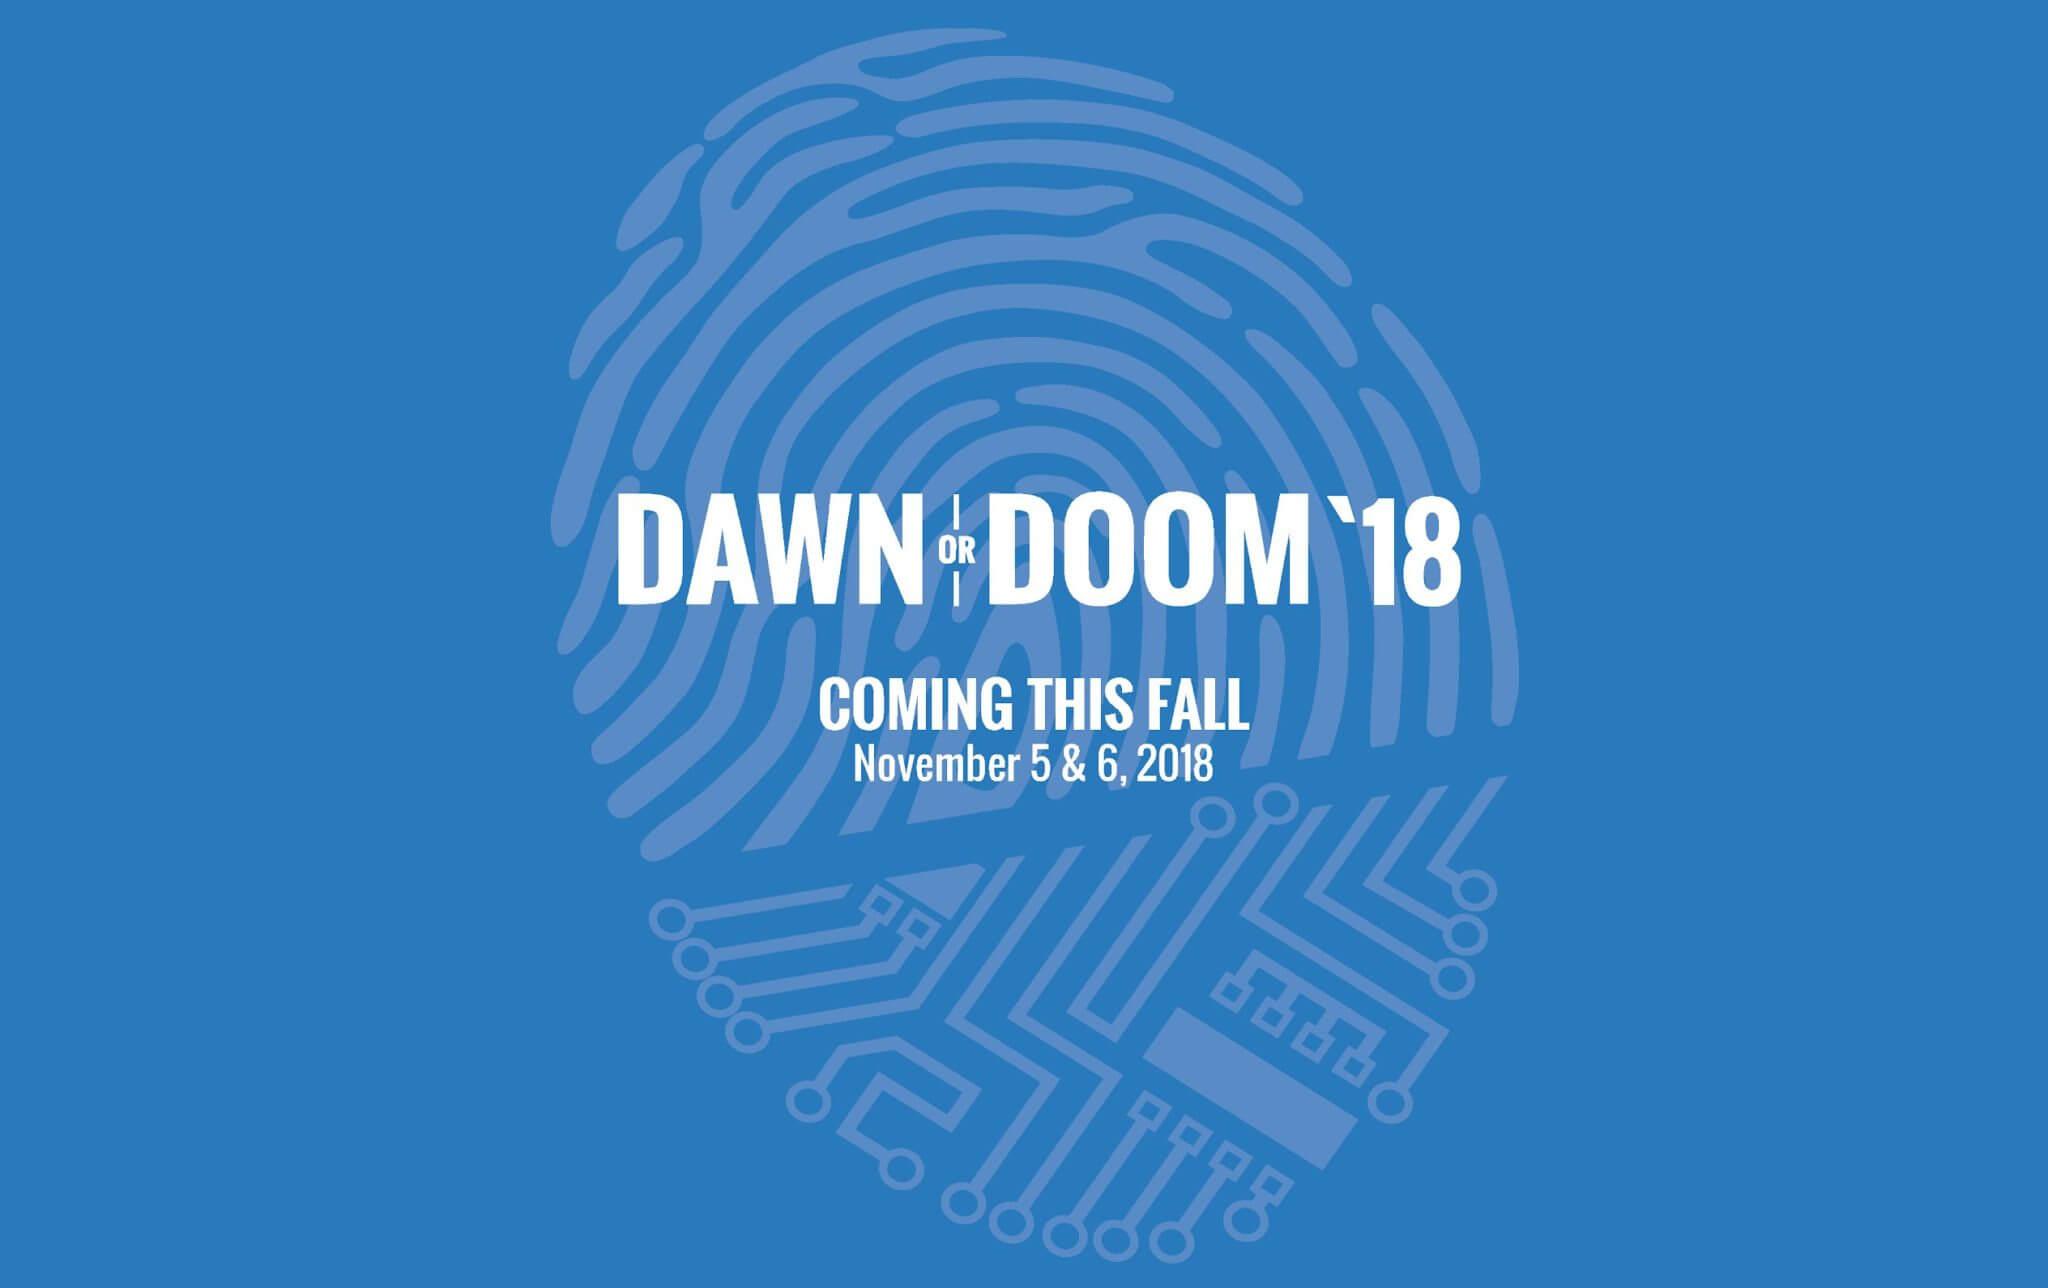 Dawn or Doom logo